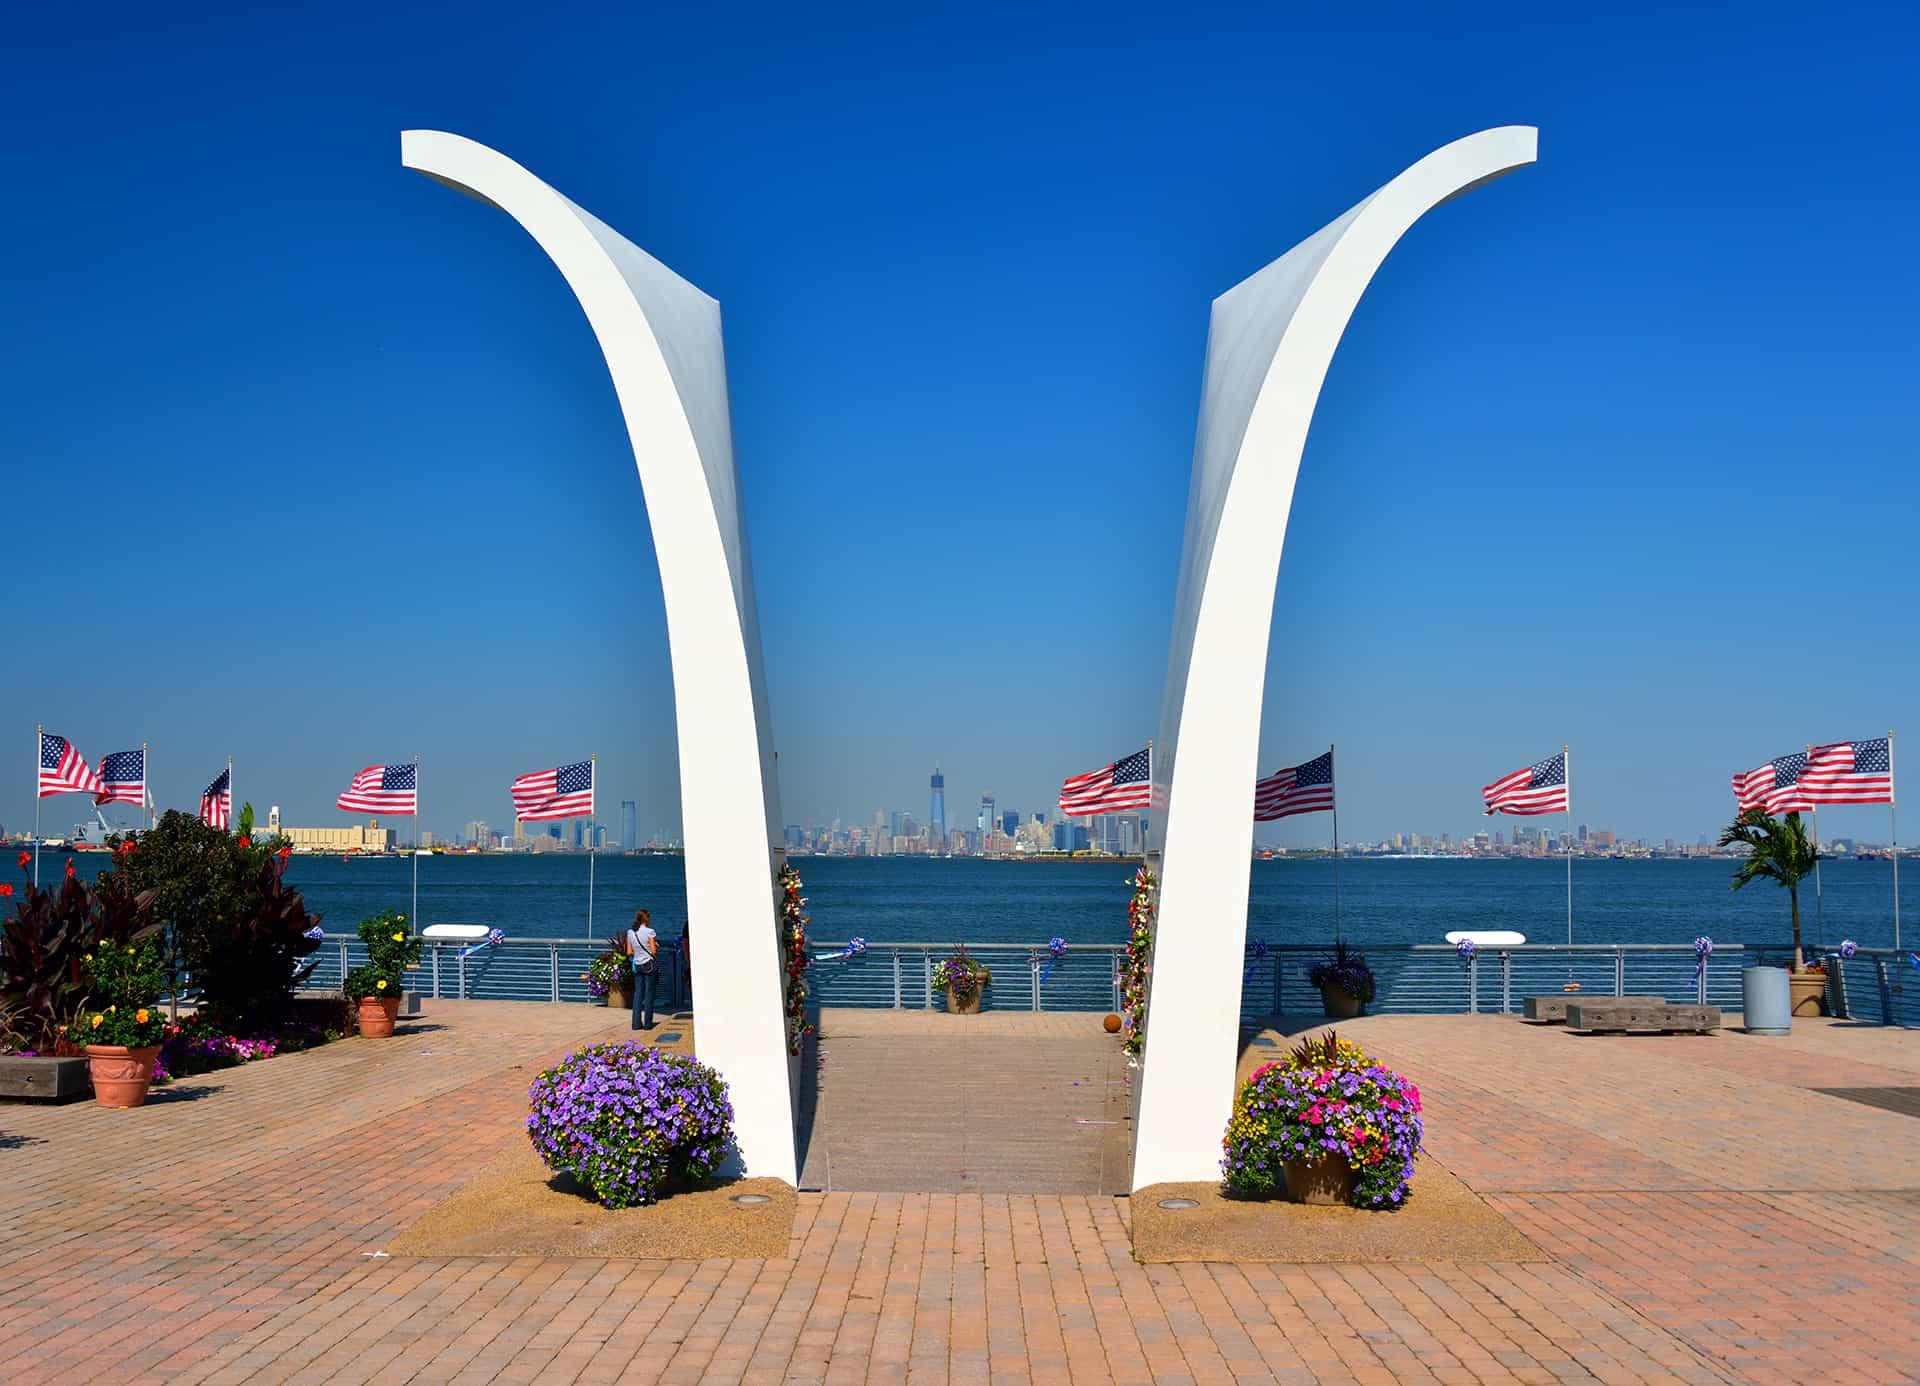 staten island september 11th memorial